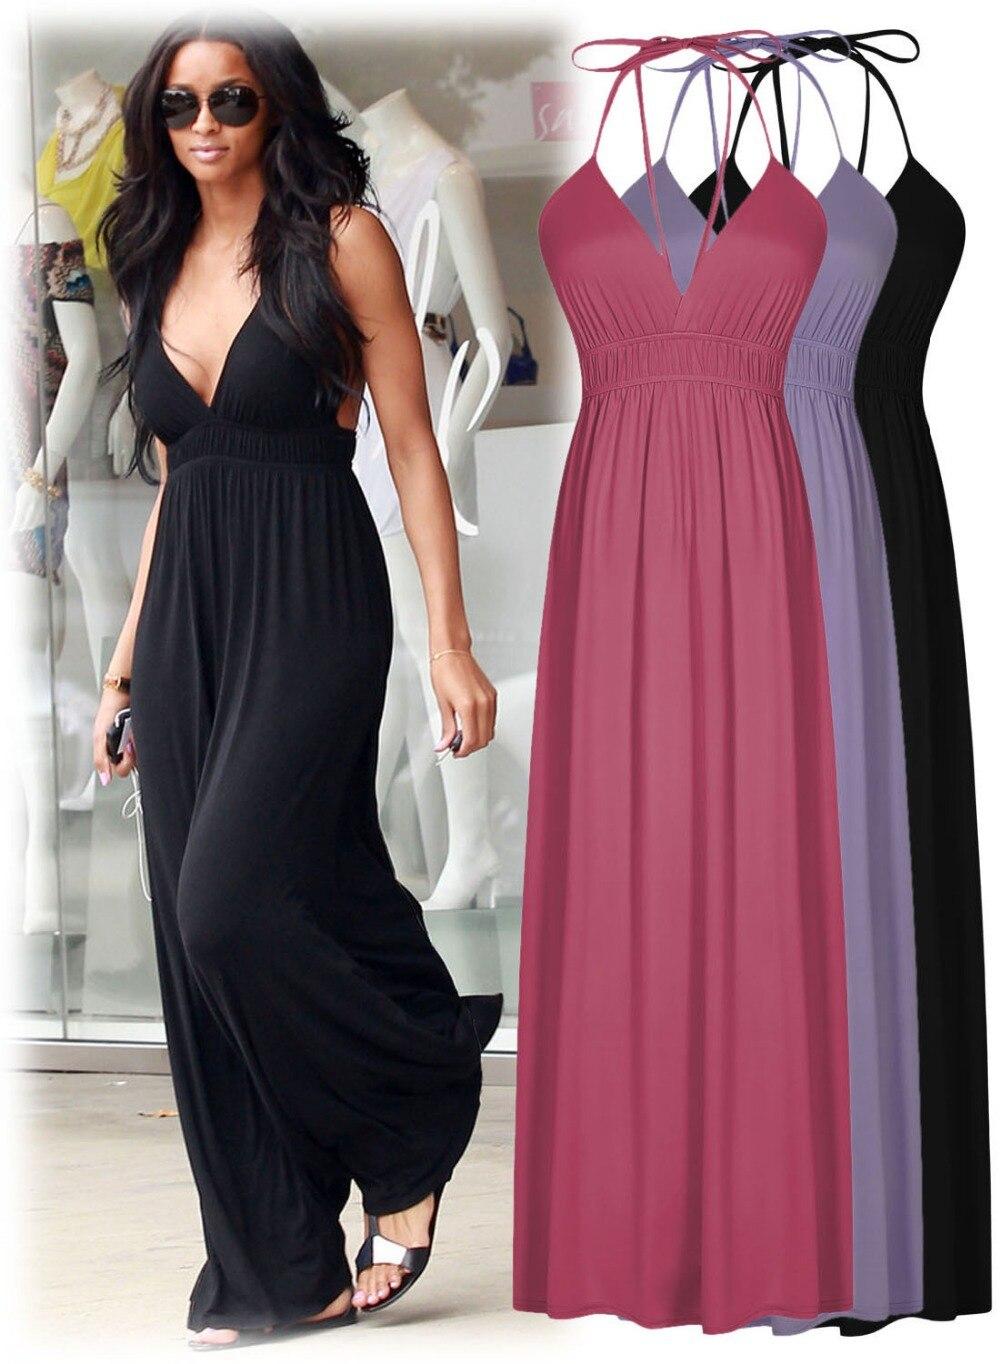 Beste Hawaiische Kleid Partei Bilder - Brautkleider Ideen - cashingy ...